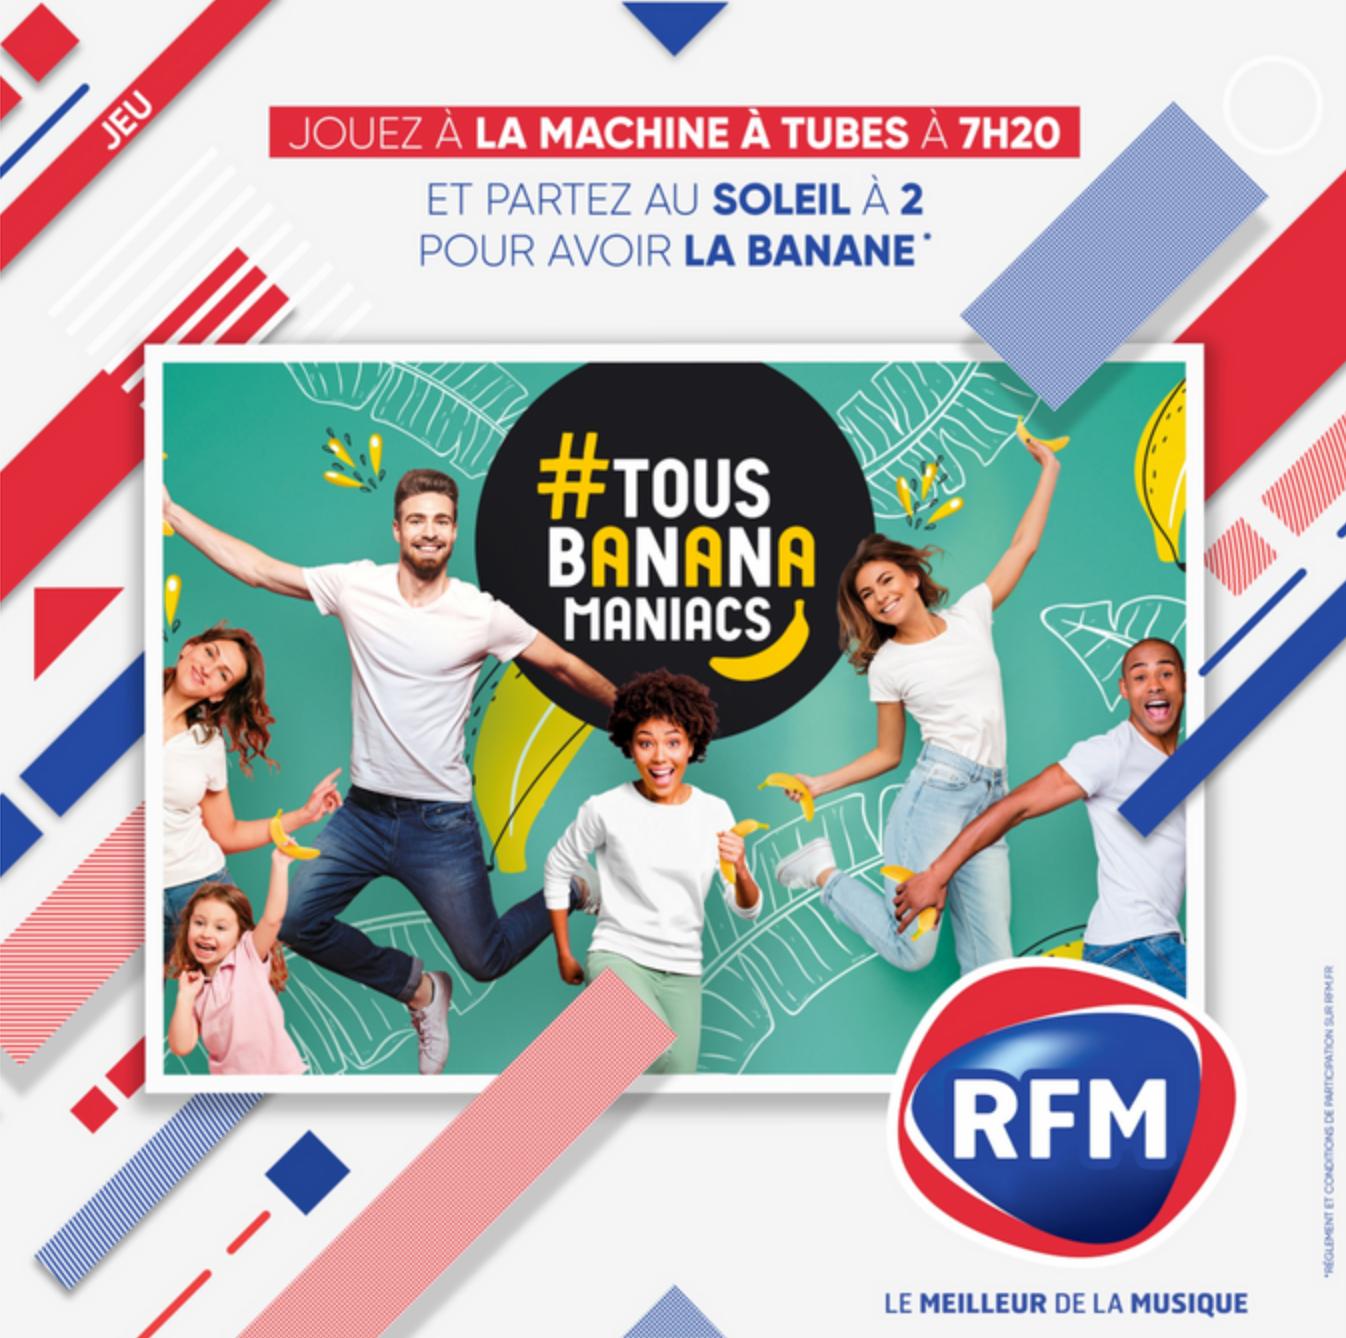 RFM donne la banane aux auditeurs